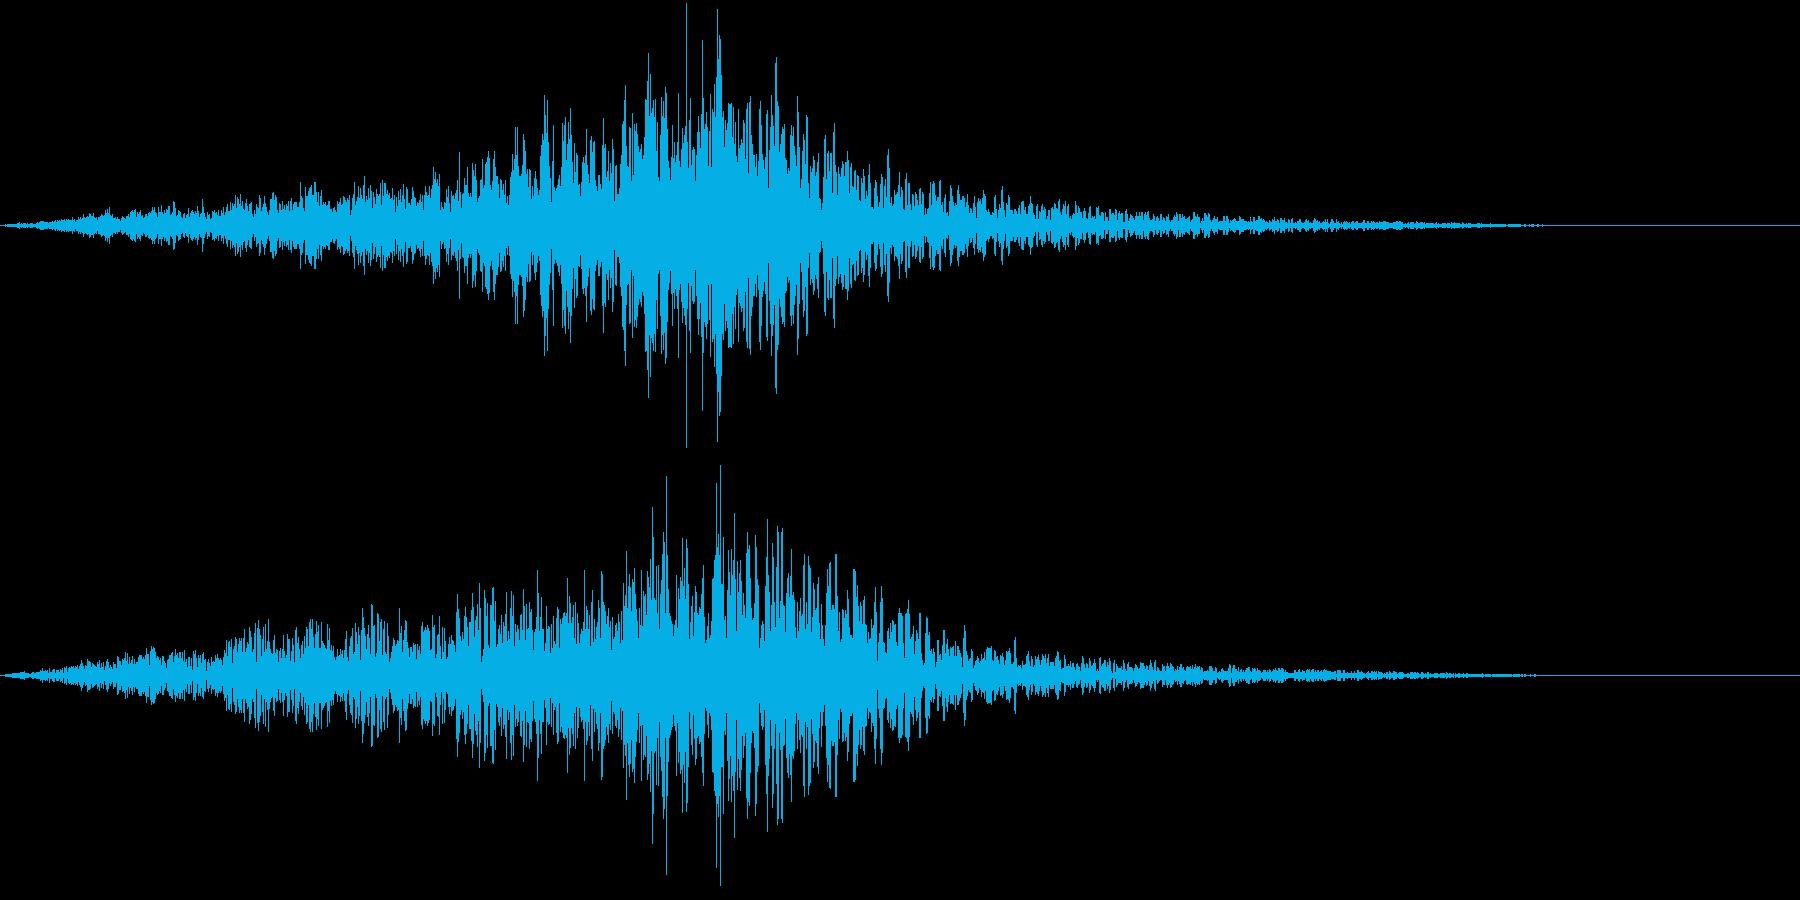 迫力ある上昇もしくは下降音の後玉砕する音の再生済みの波形